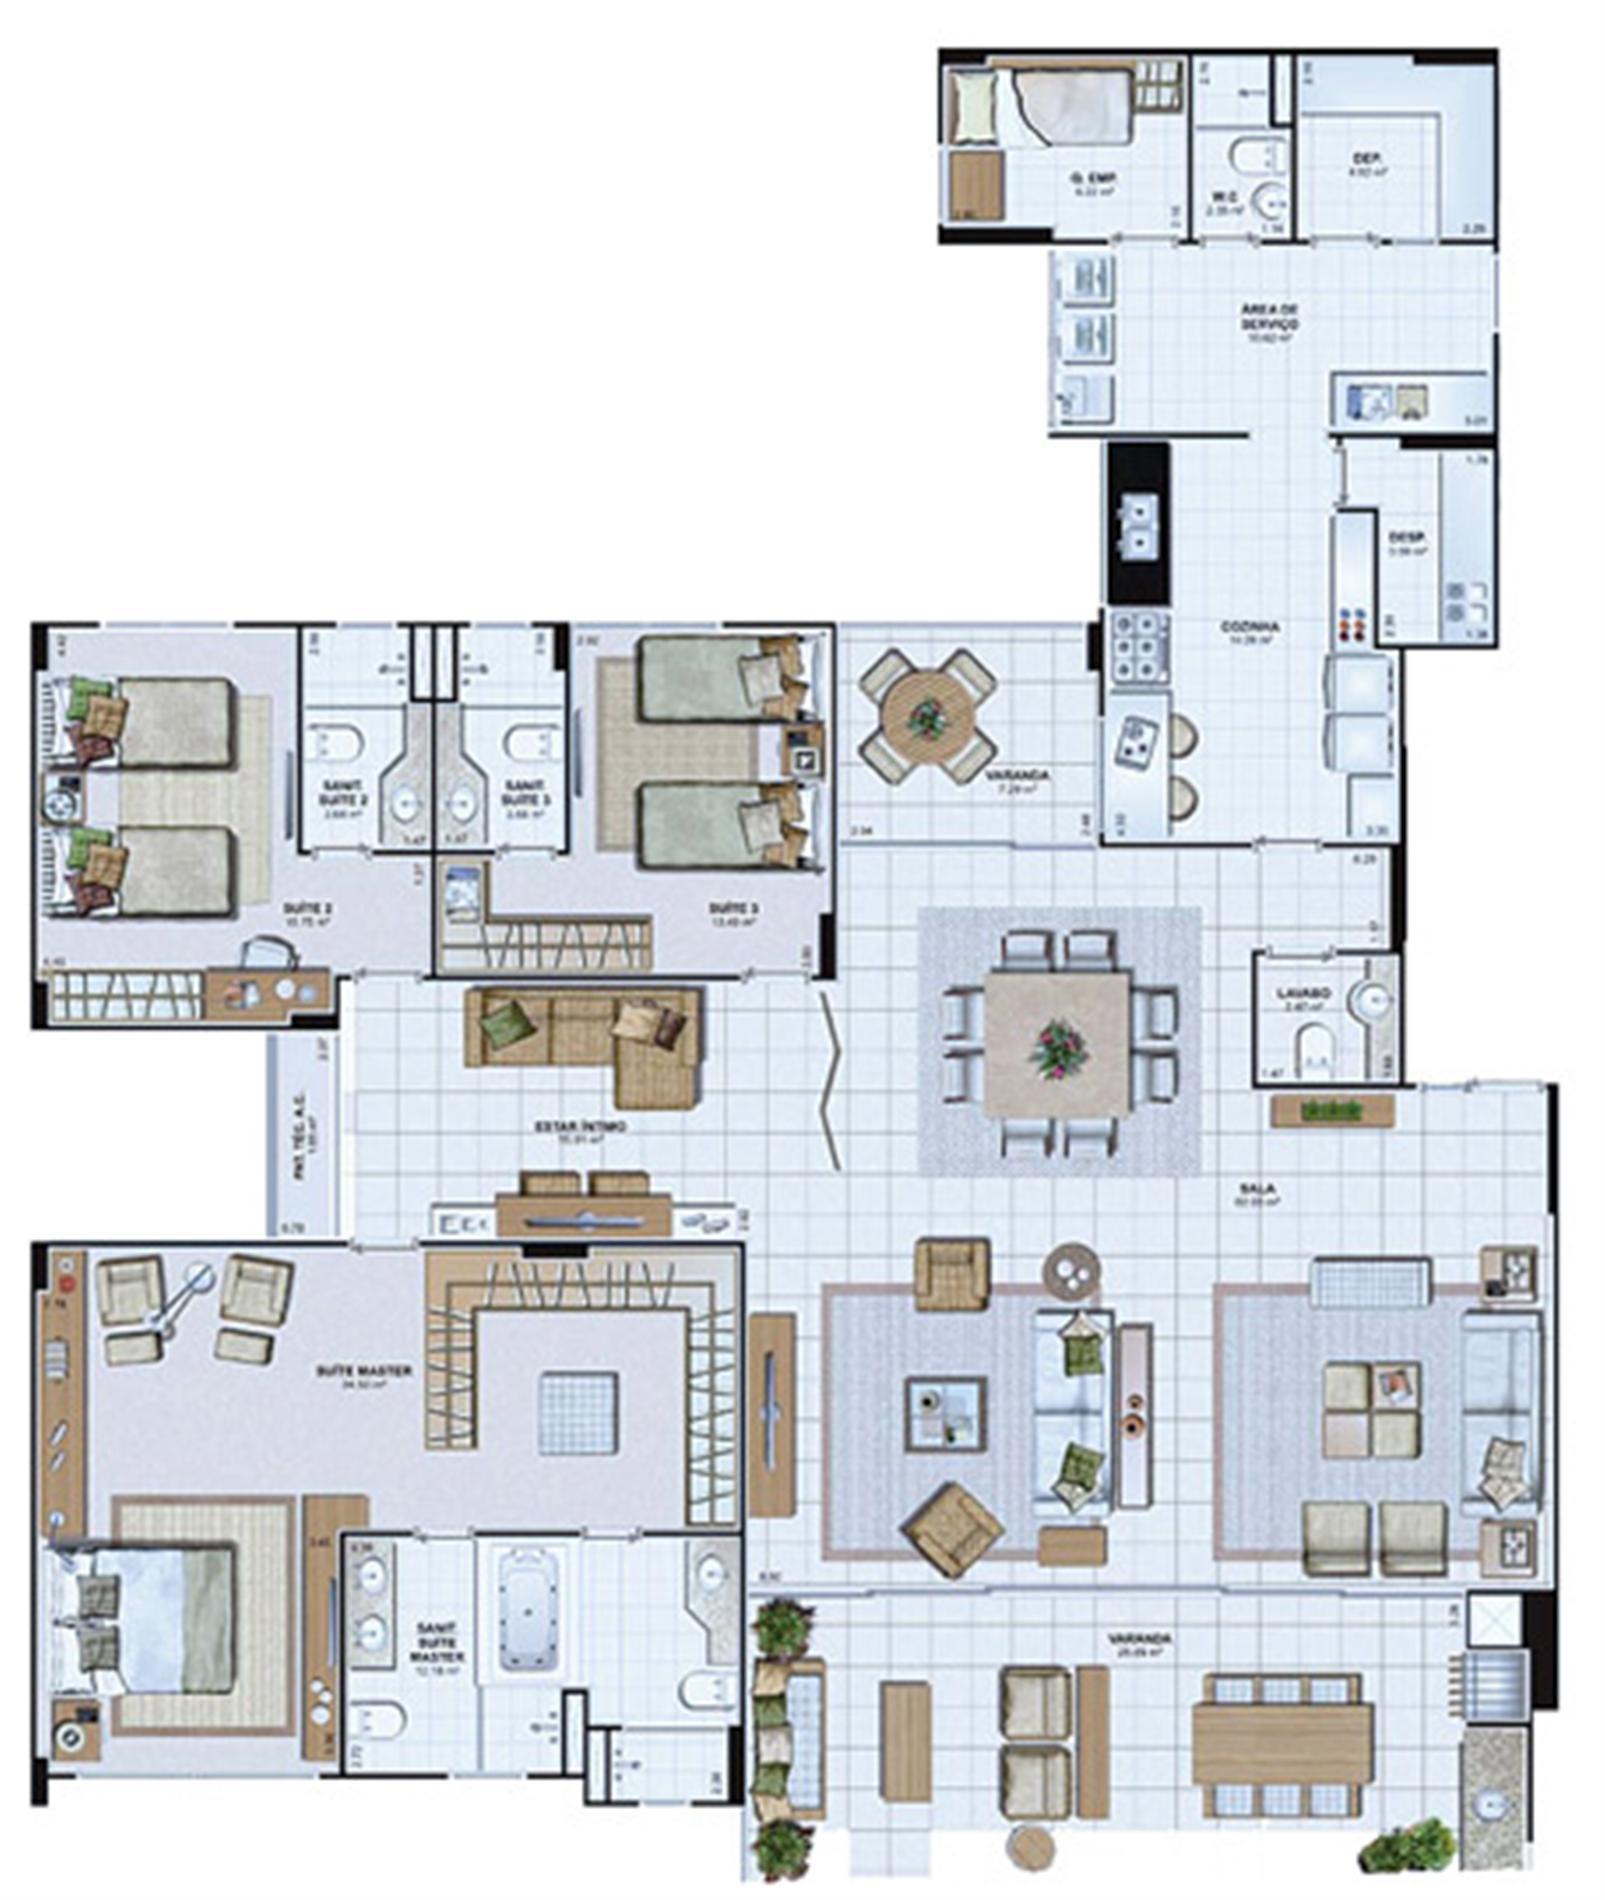 Planta Opção 243,45 m² | Le Parc Salvador – Apartamentona  Av. Paralela - Salvador - Bahia